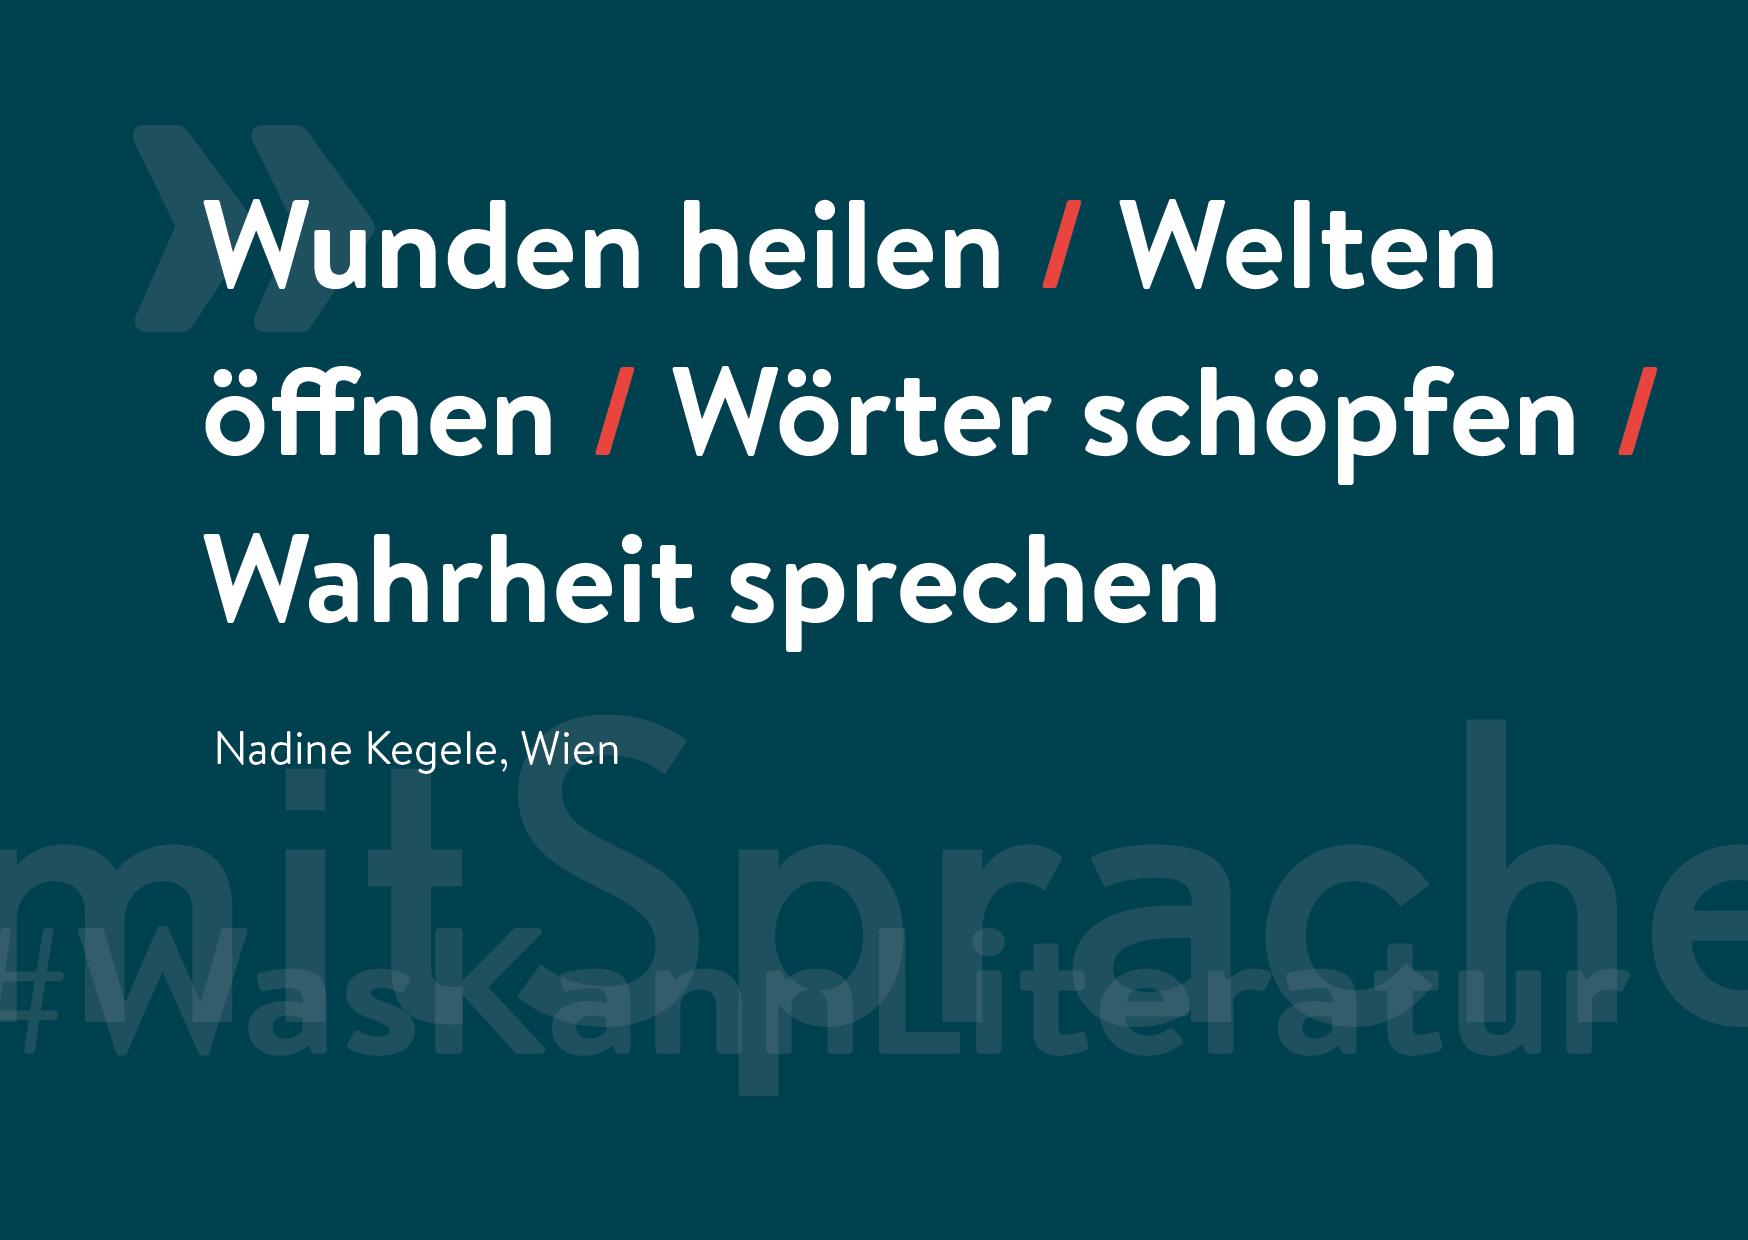 mitSprache_wasKannLiteratur_statements_postkarte__12-03-20195.jpg